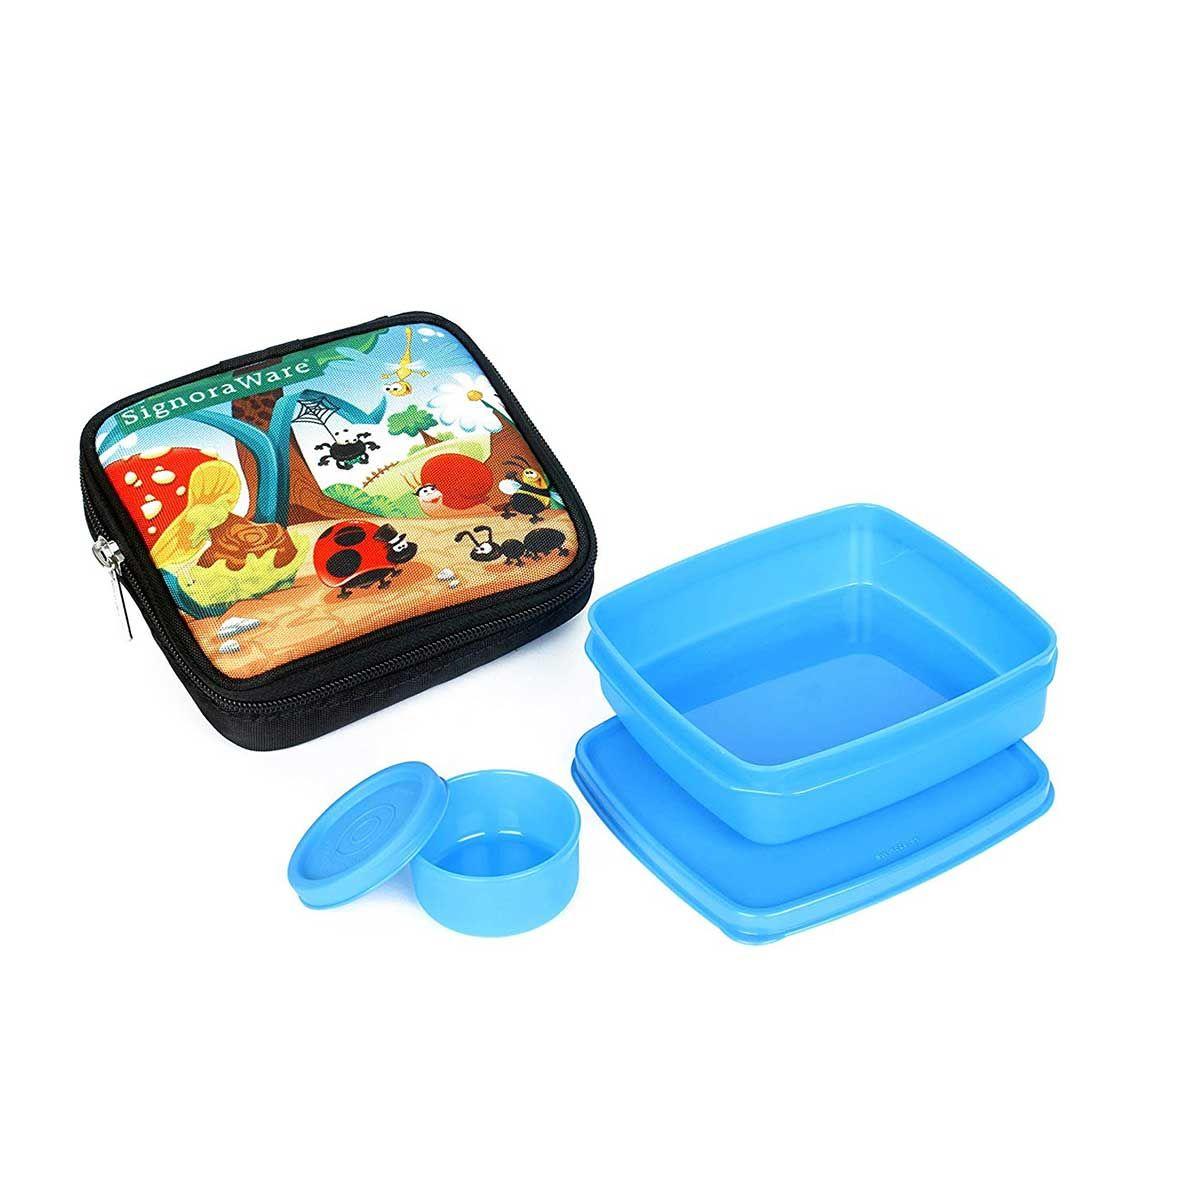 Signoraware P-25518 Jungle Fun-Nano Lunch Box (With Bag) (350ml+40ml) (Blue)